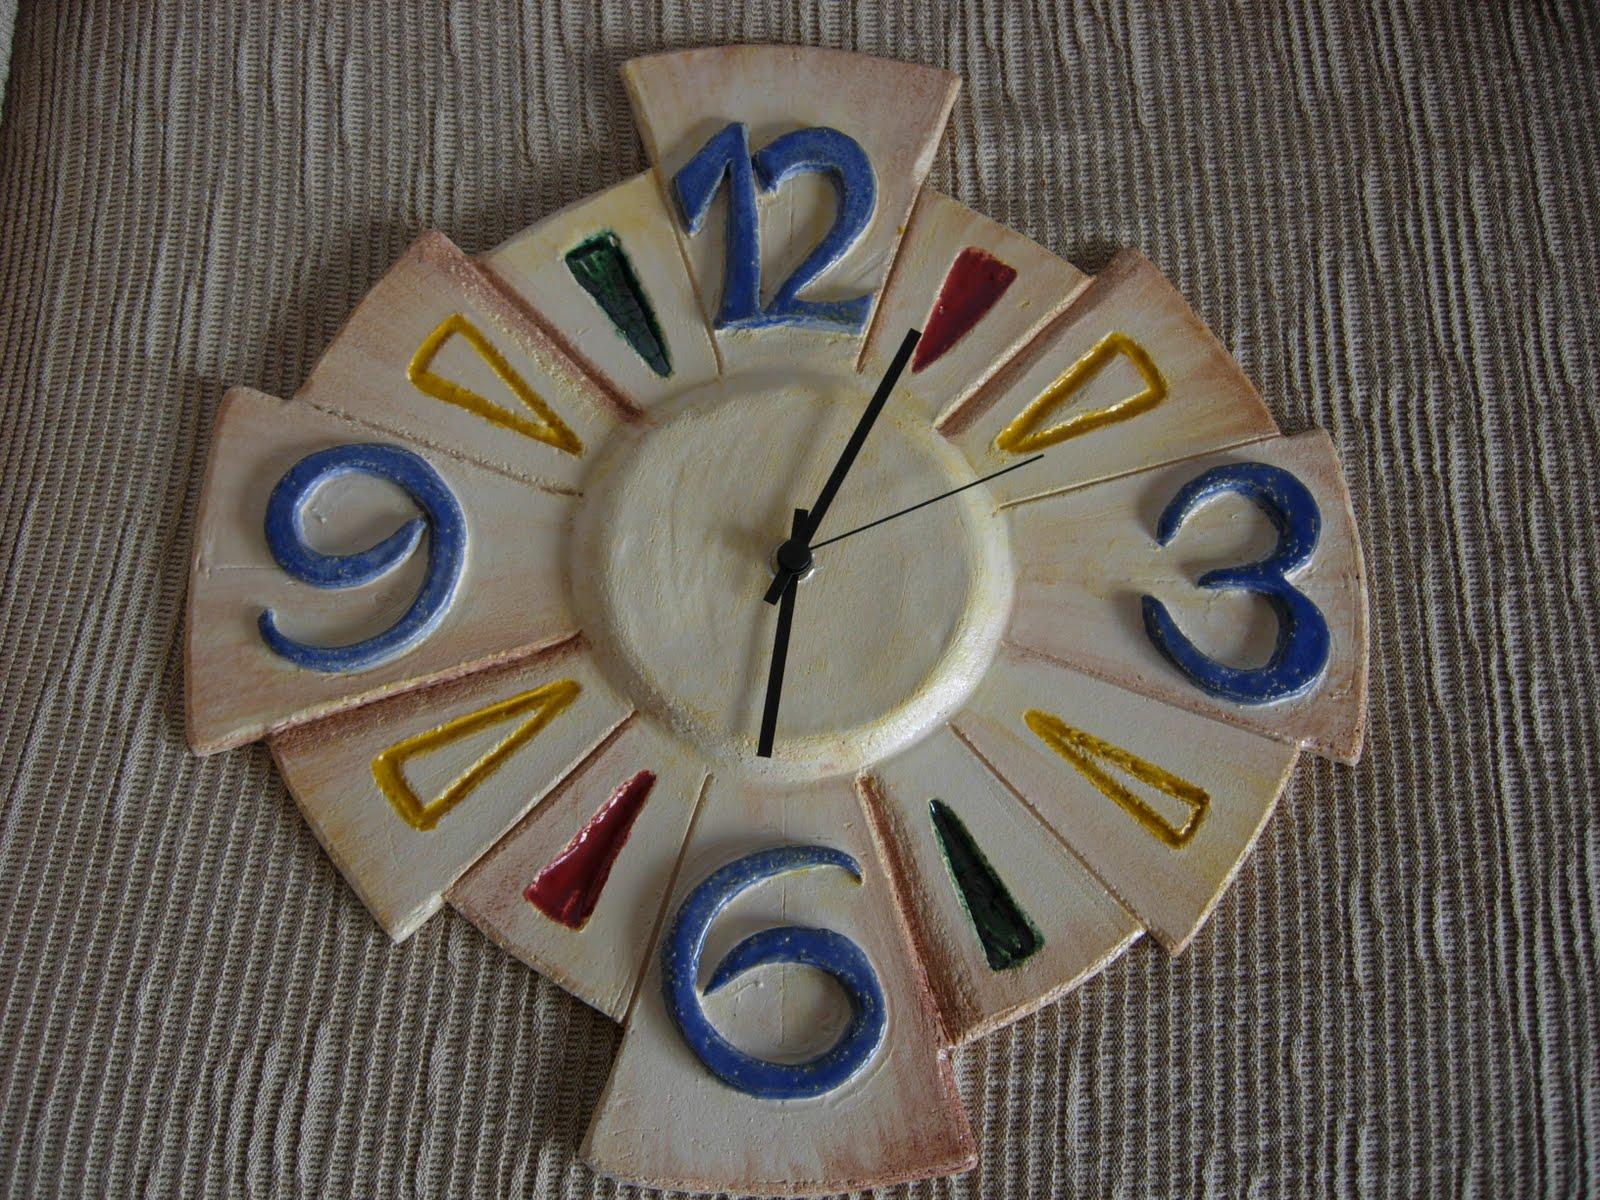 L 39 arte fra le dita orologio e specchio appena sfornati - Orologio a specchio ...